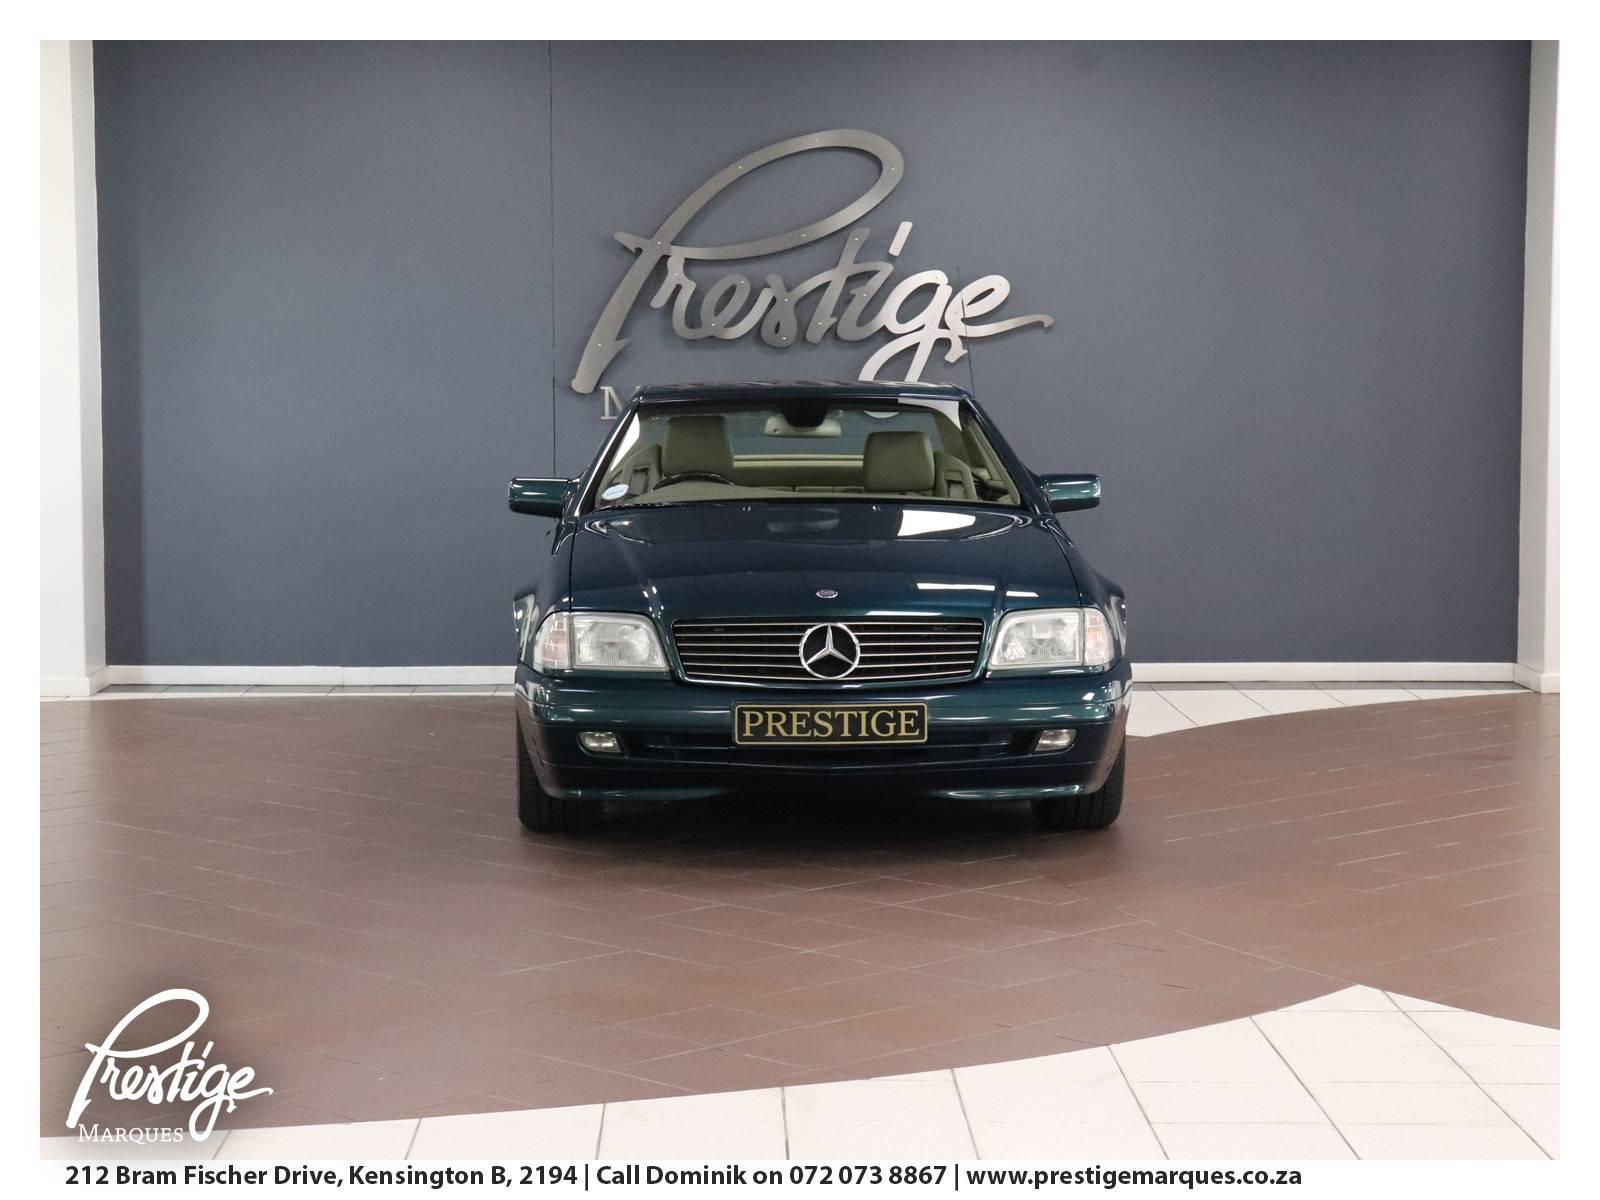 1998-Mercedes-Benz-SL-320-Prestige-Marques-Randburg-Sandton-9